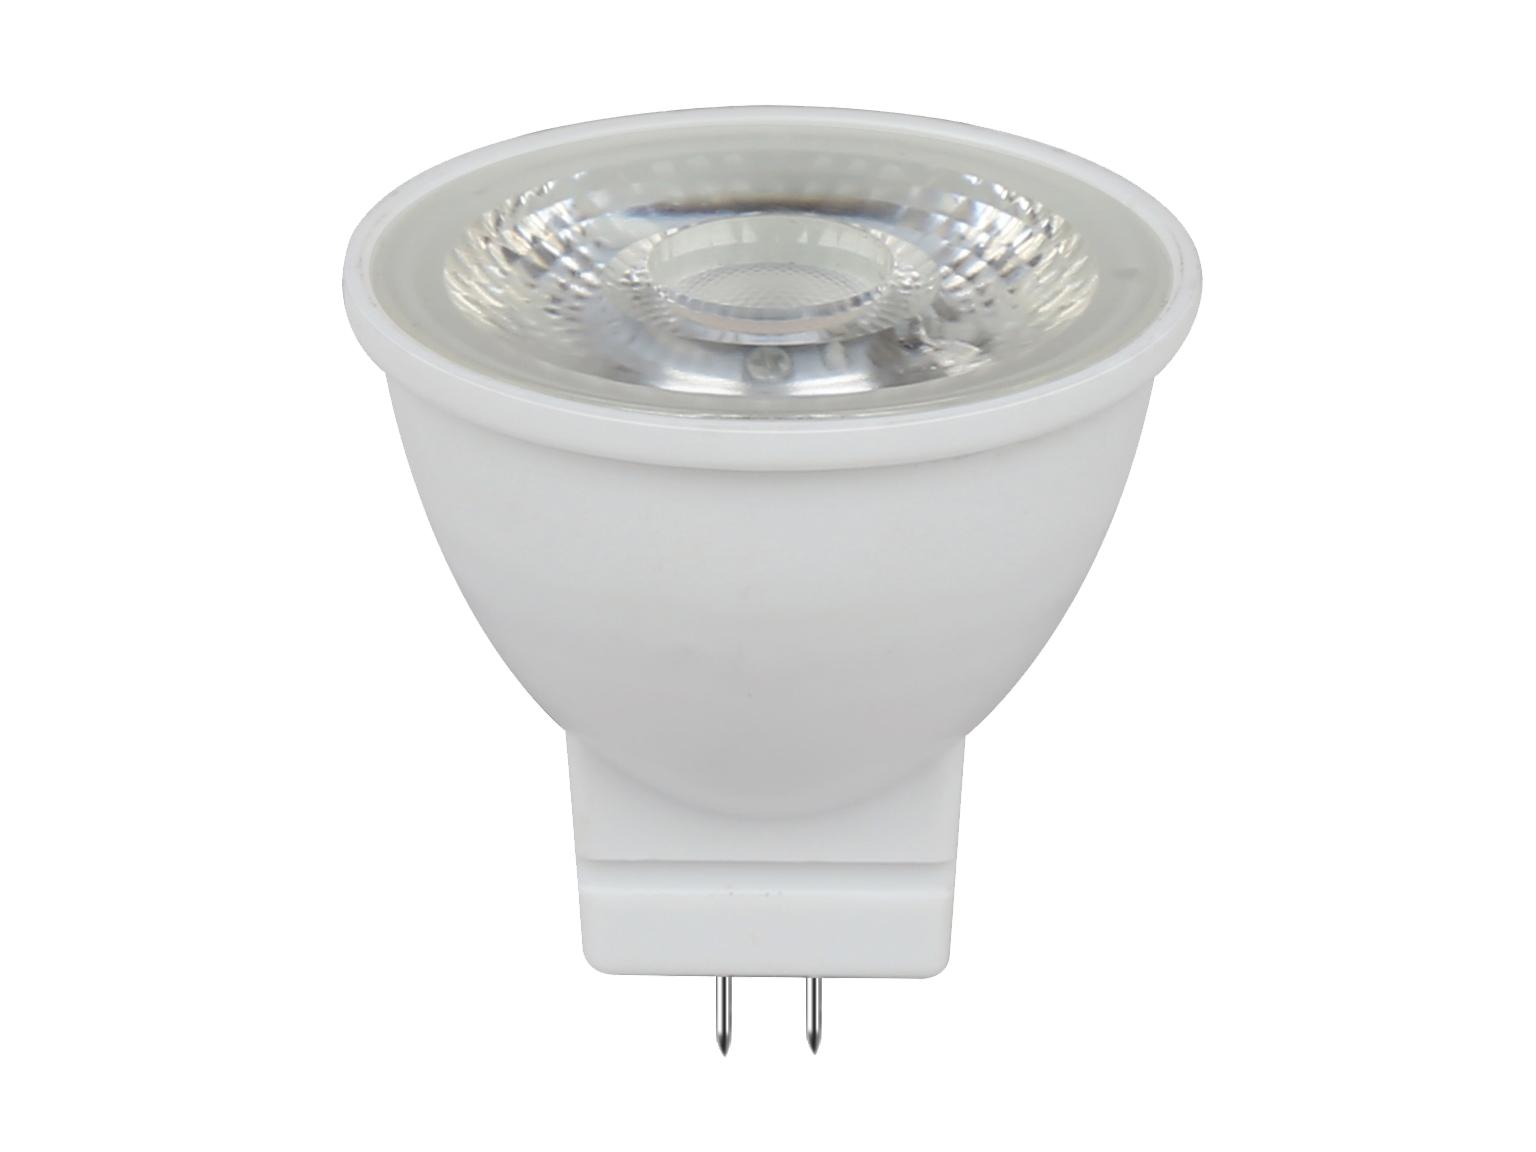 Sylvania RefLED MR11 GU4 2,6W 184lm 830 36° SL LED-Lampe - 1 Stück ...